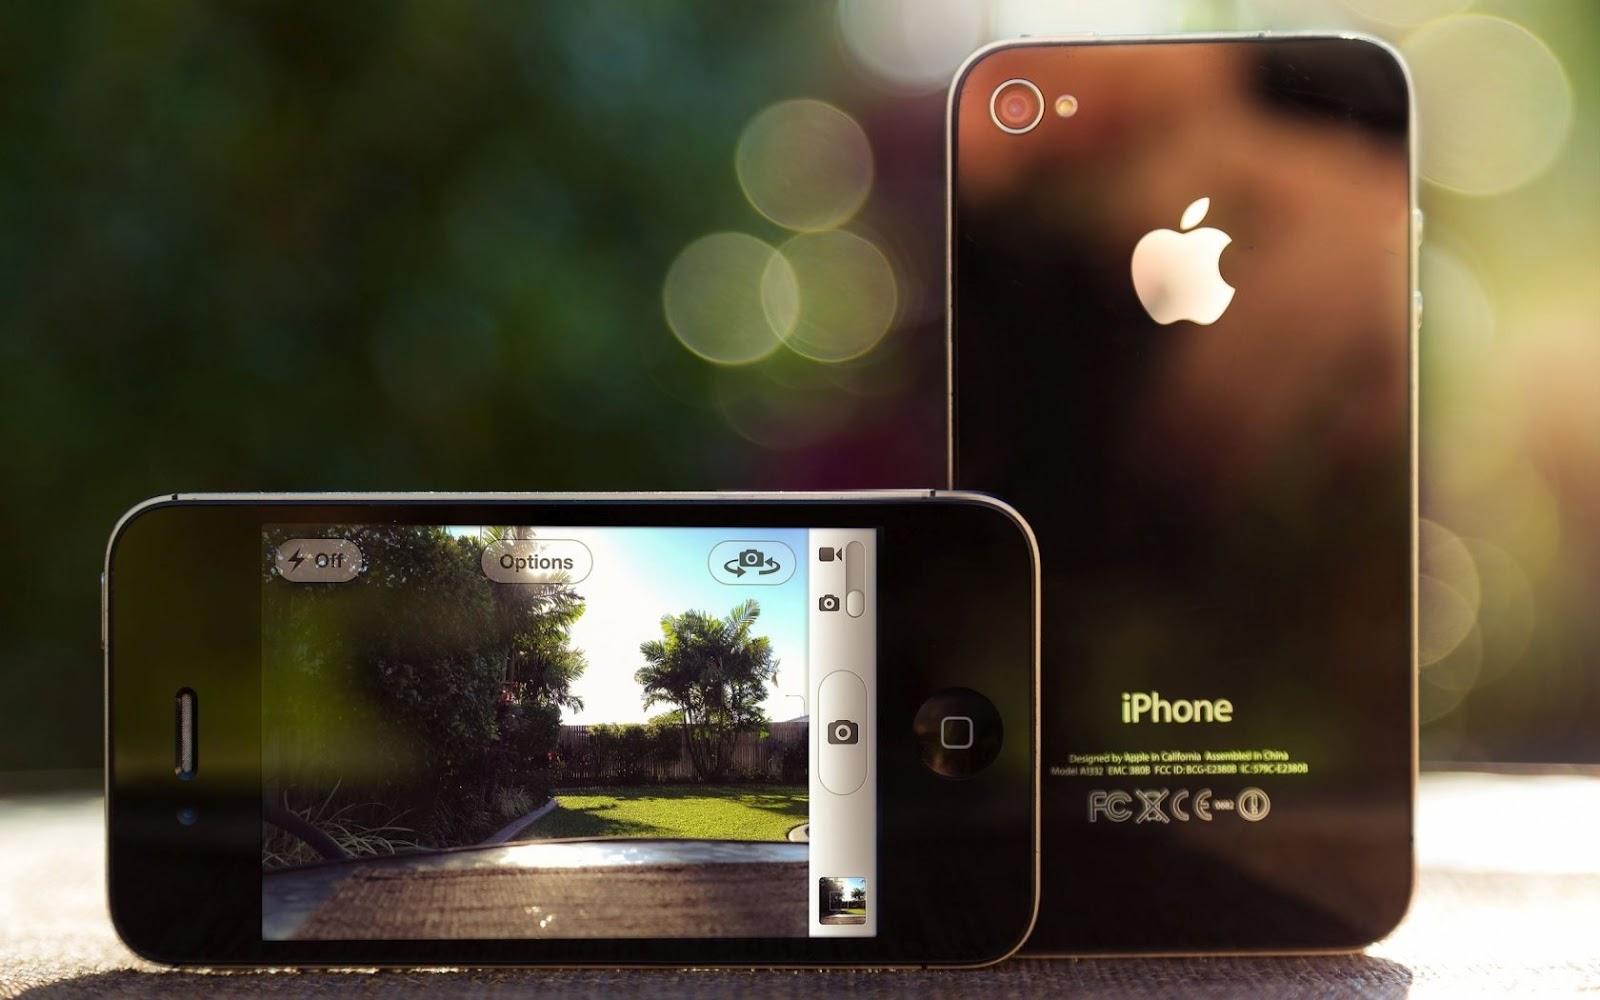 http://3.bp.blogspot.com/-9pJRWvkJq9M/UGcWRi5AqKI/AAAAAAAAHJM/XY_sPqb6u8I/s1600/iphone-smartphones-1680x1050.jpg